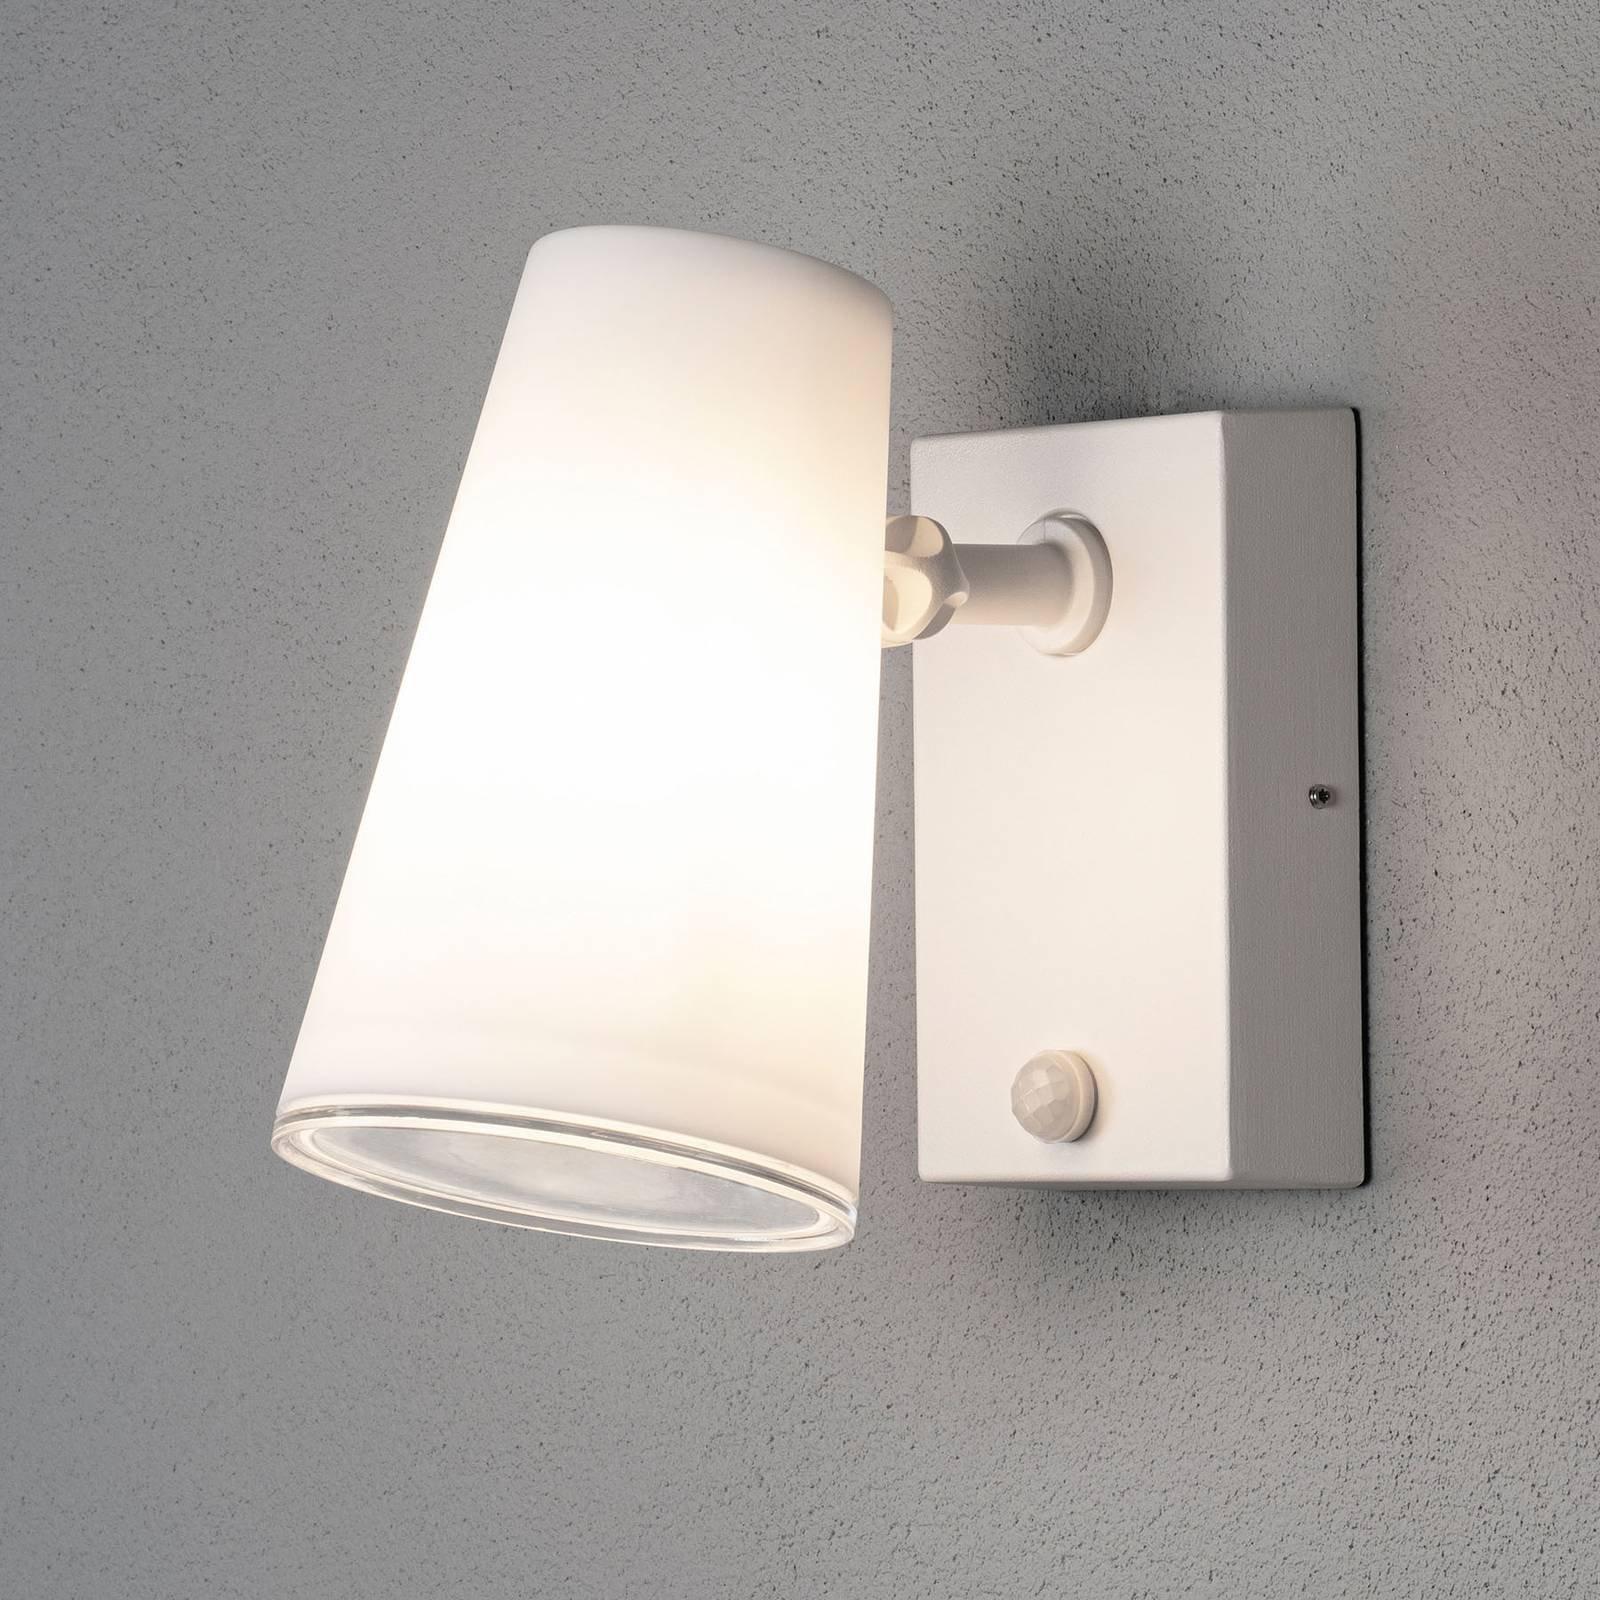 Fano utendørs LED-veggspot med bevegelsessensor